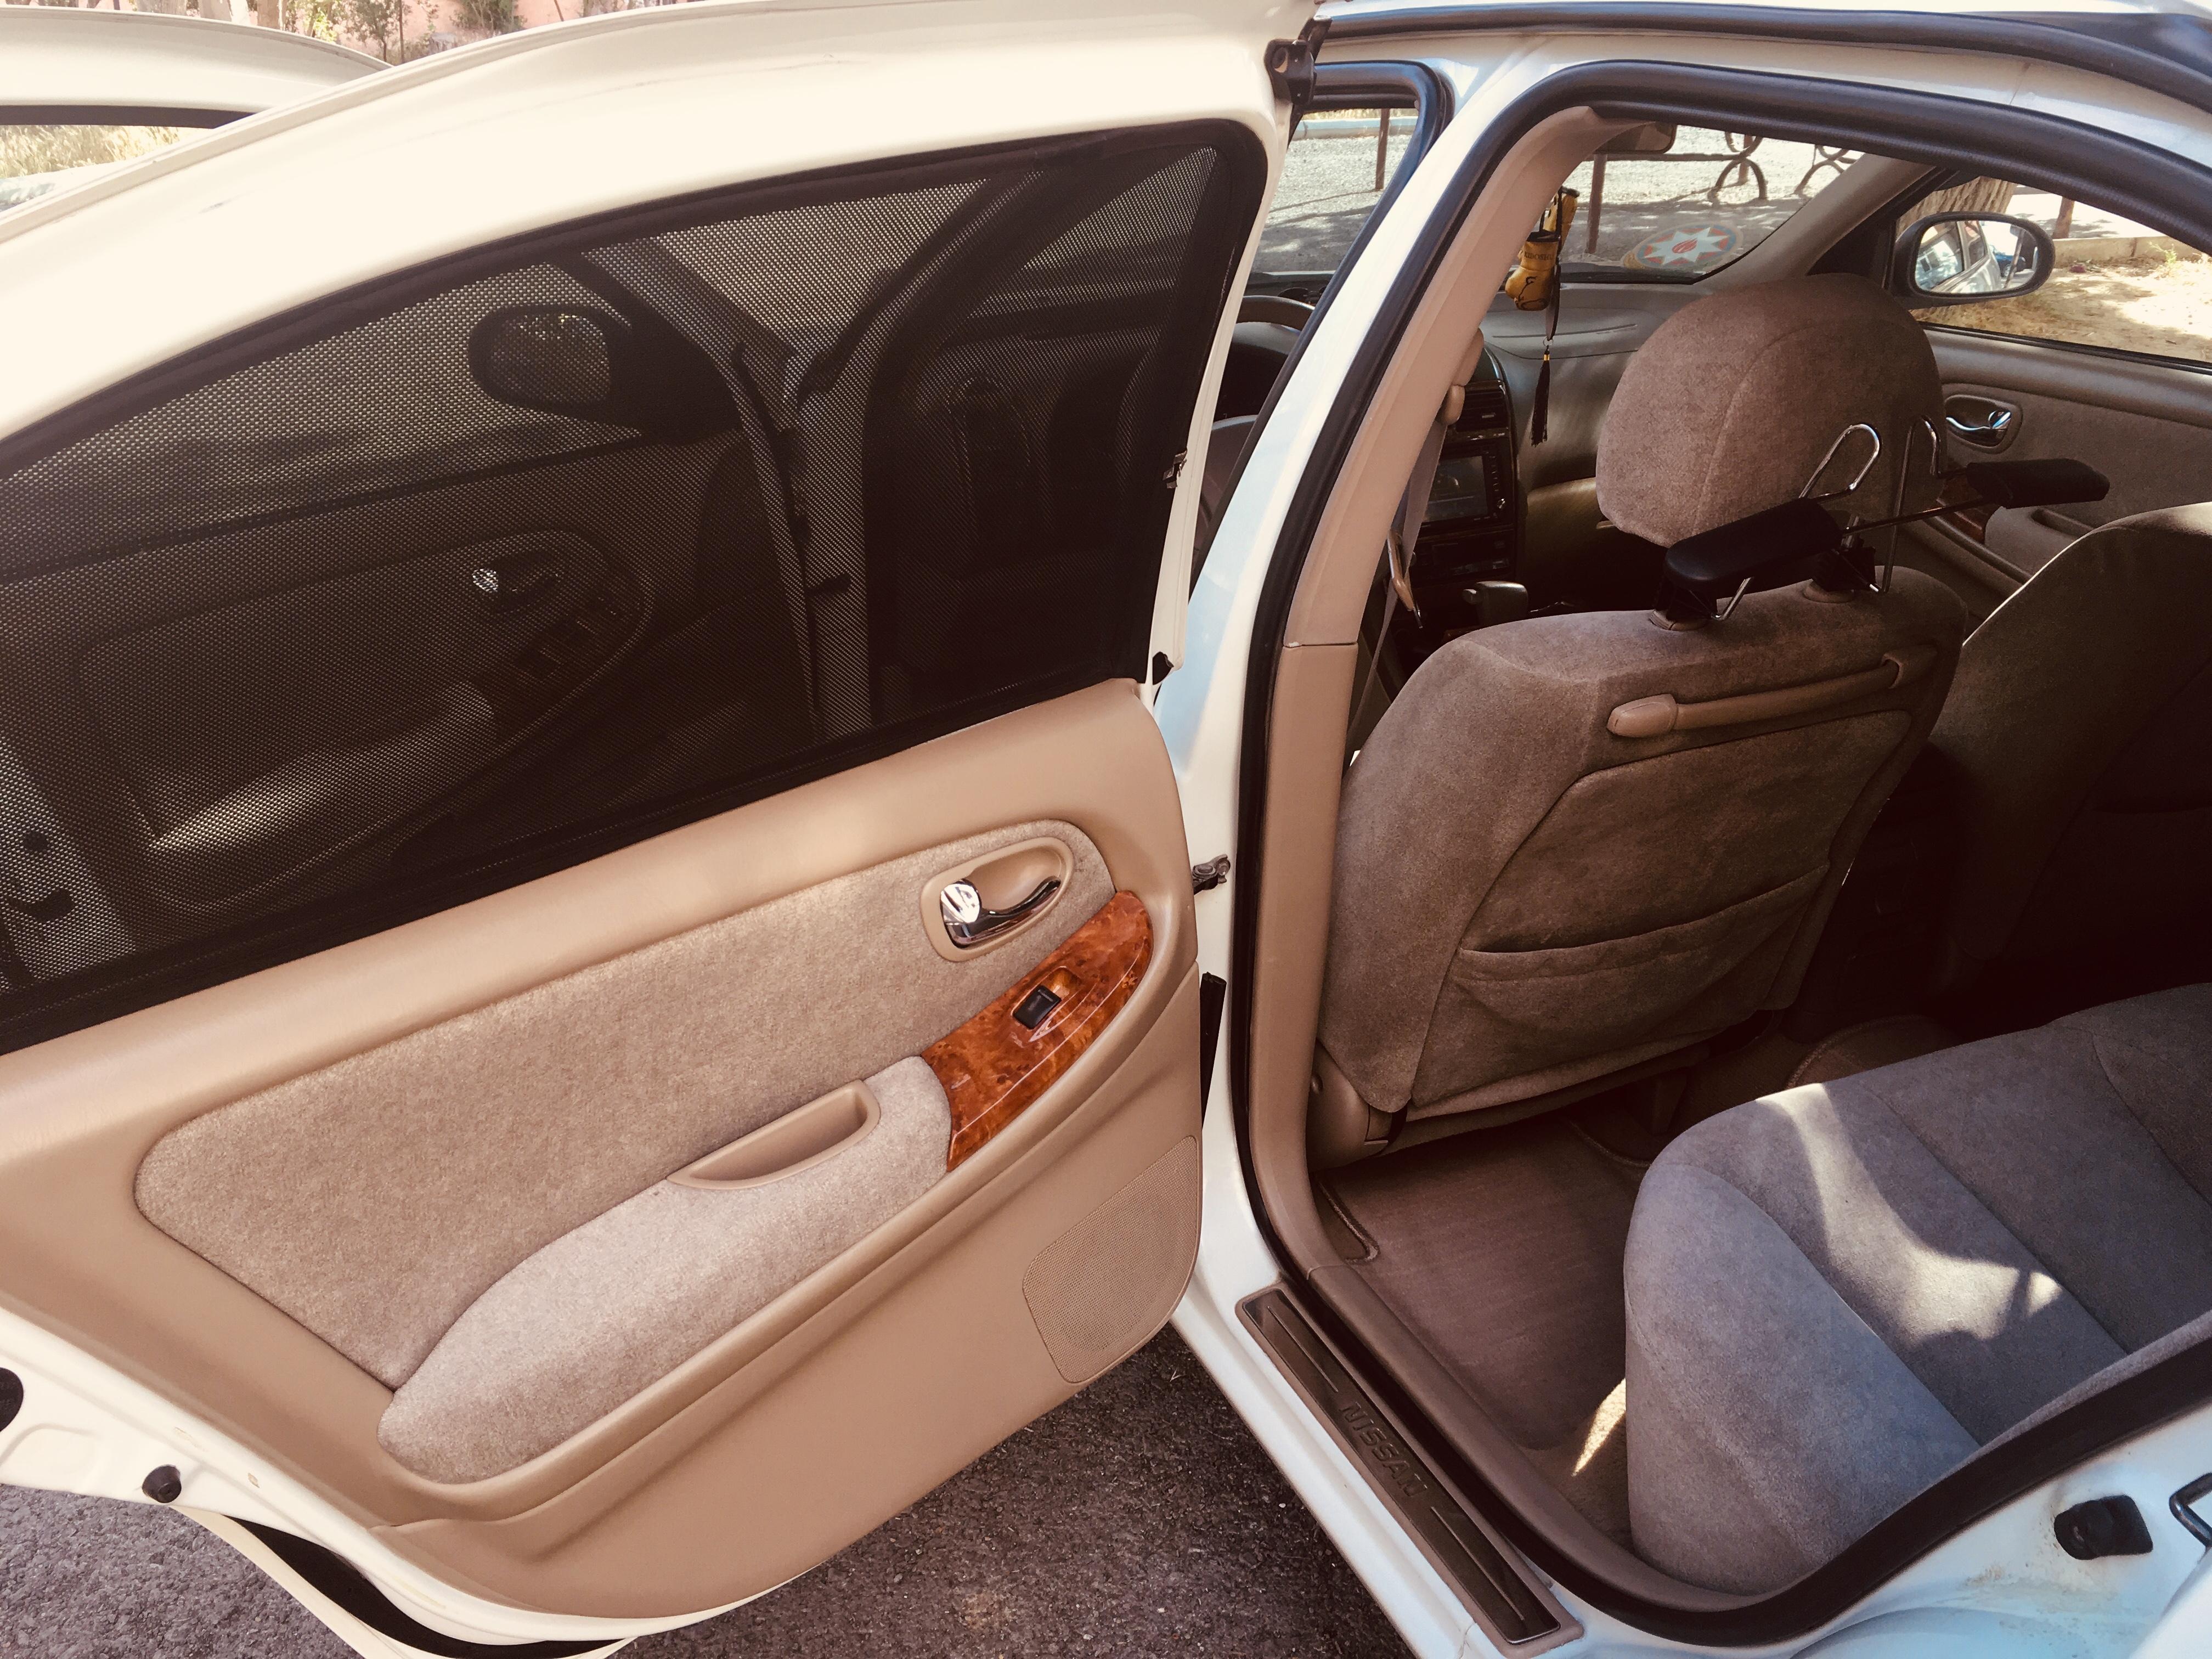 Nissan Maxima 3.0(lt) 2006 İkinci əl  $8500